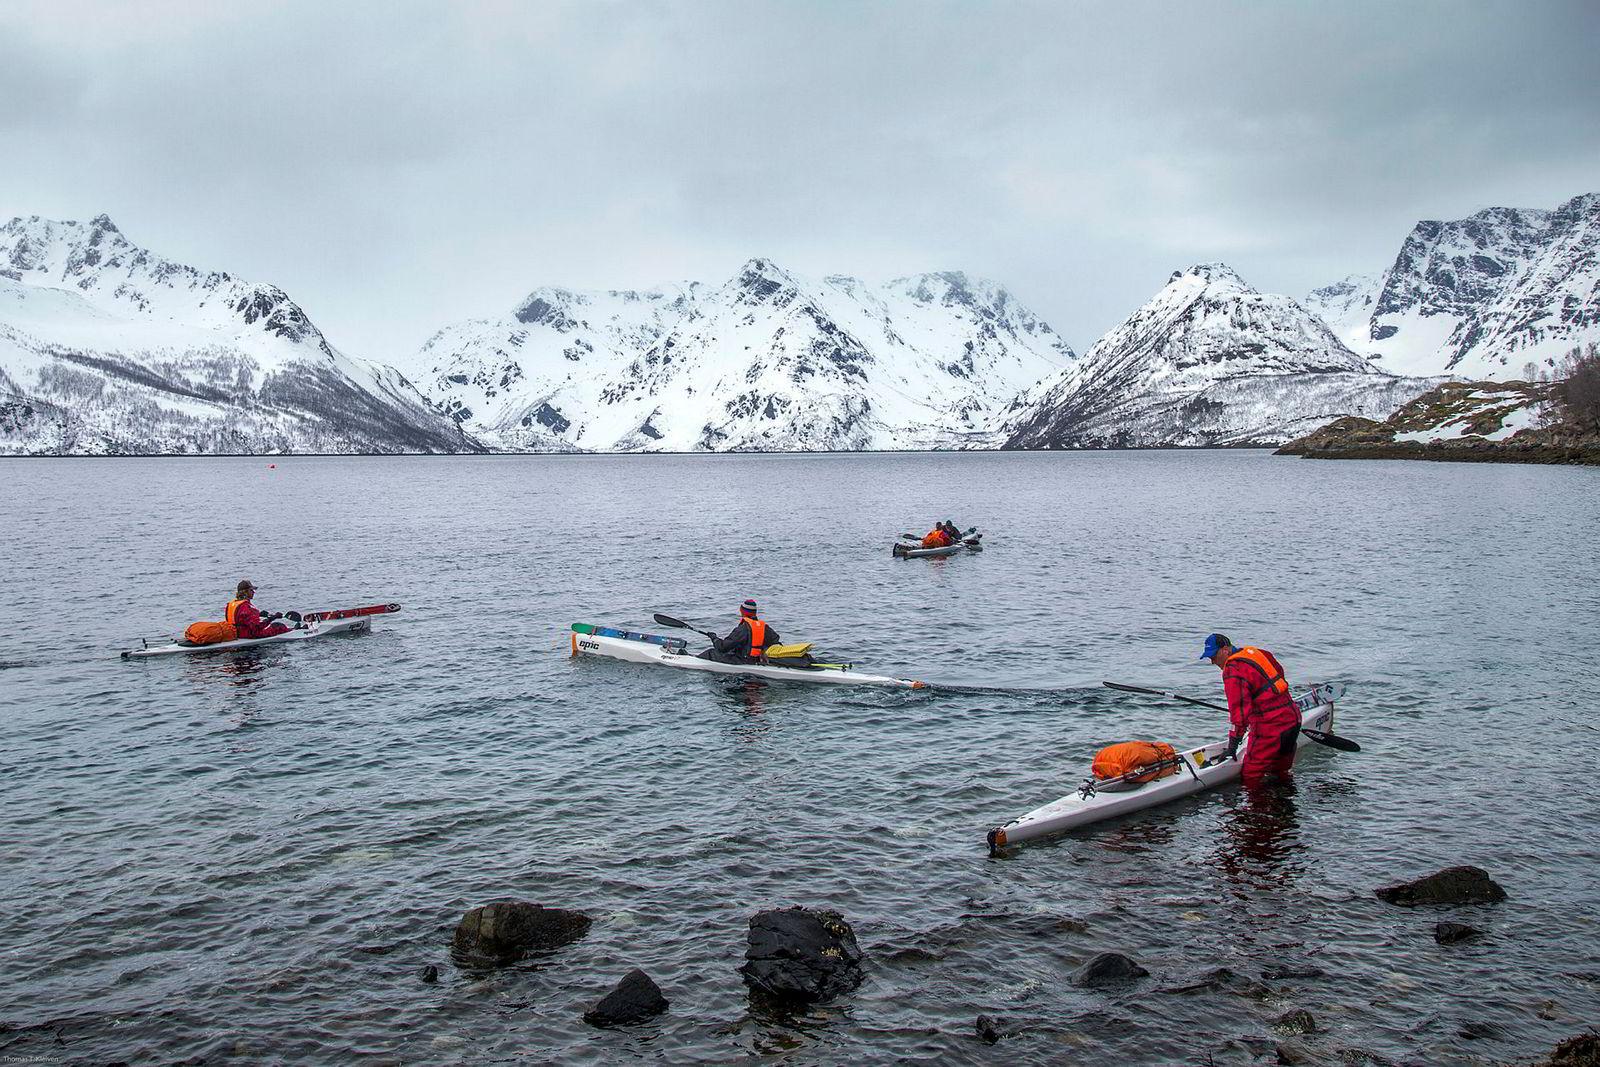 Selv om kalenderen viser mai er Finnmark nyduppet i puddersnø. Christoph Duckart, Fred Buttard, Danielle Travers, Erik Wallgren og Tore Karlstrøm gjør seg klar til å padle over Øksfjorden. Urørte toppturfjell venter på andre siden.